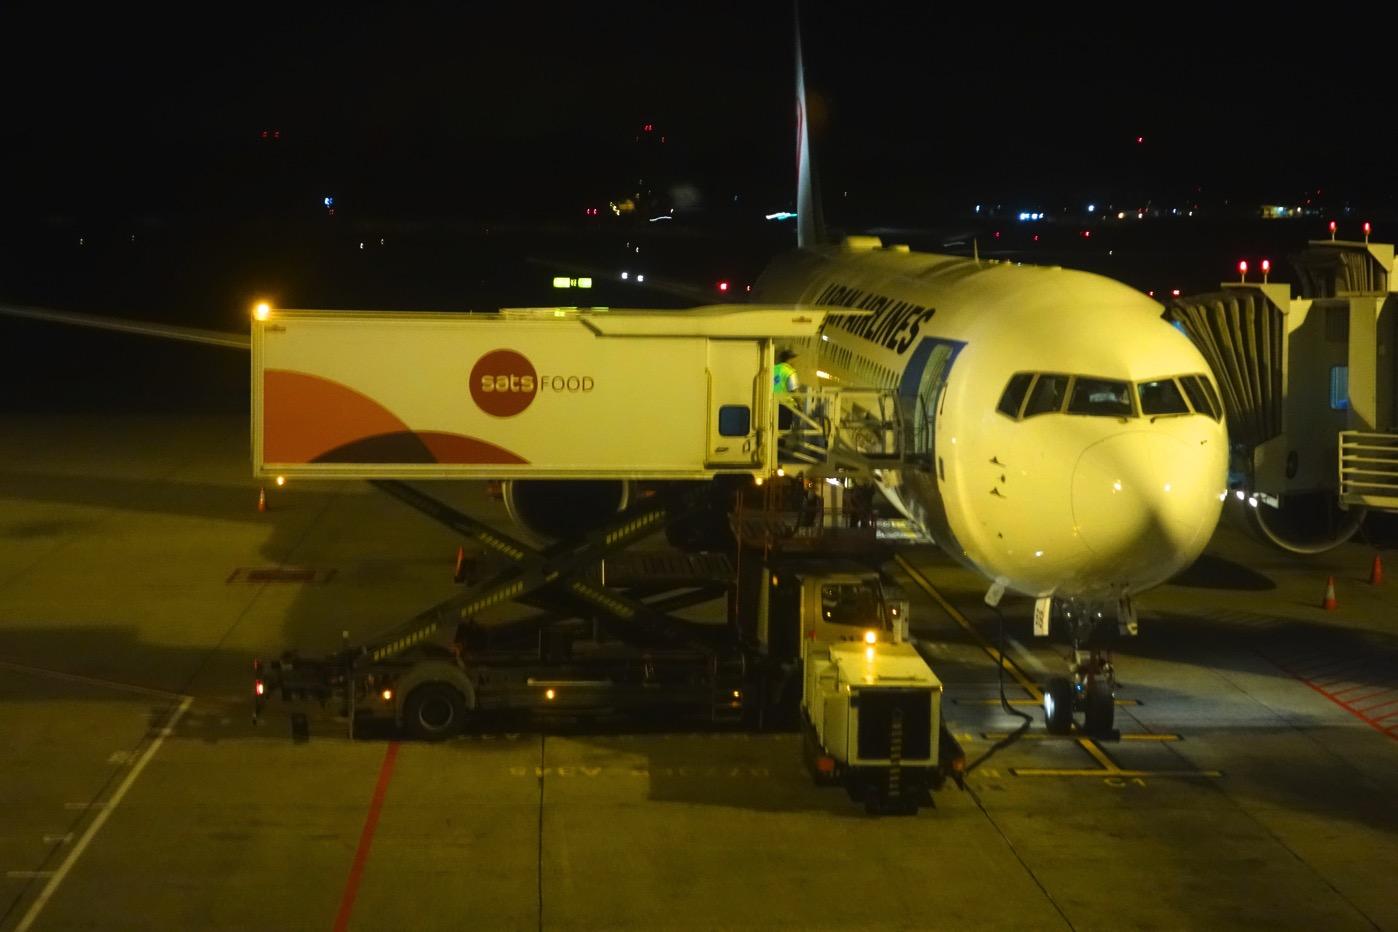 767-300 (JAL SKY SUITE Ⅱ)